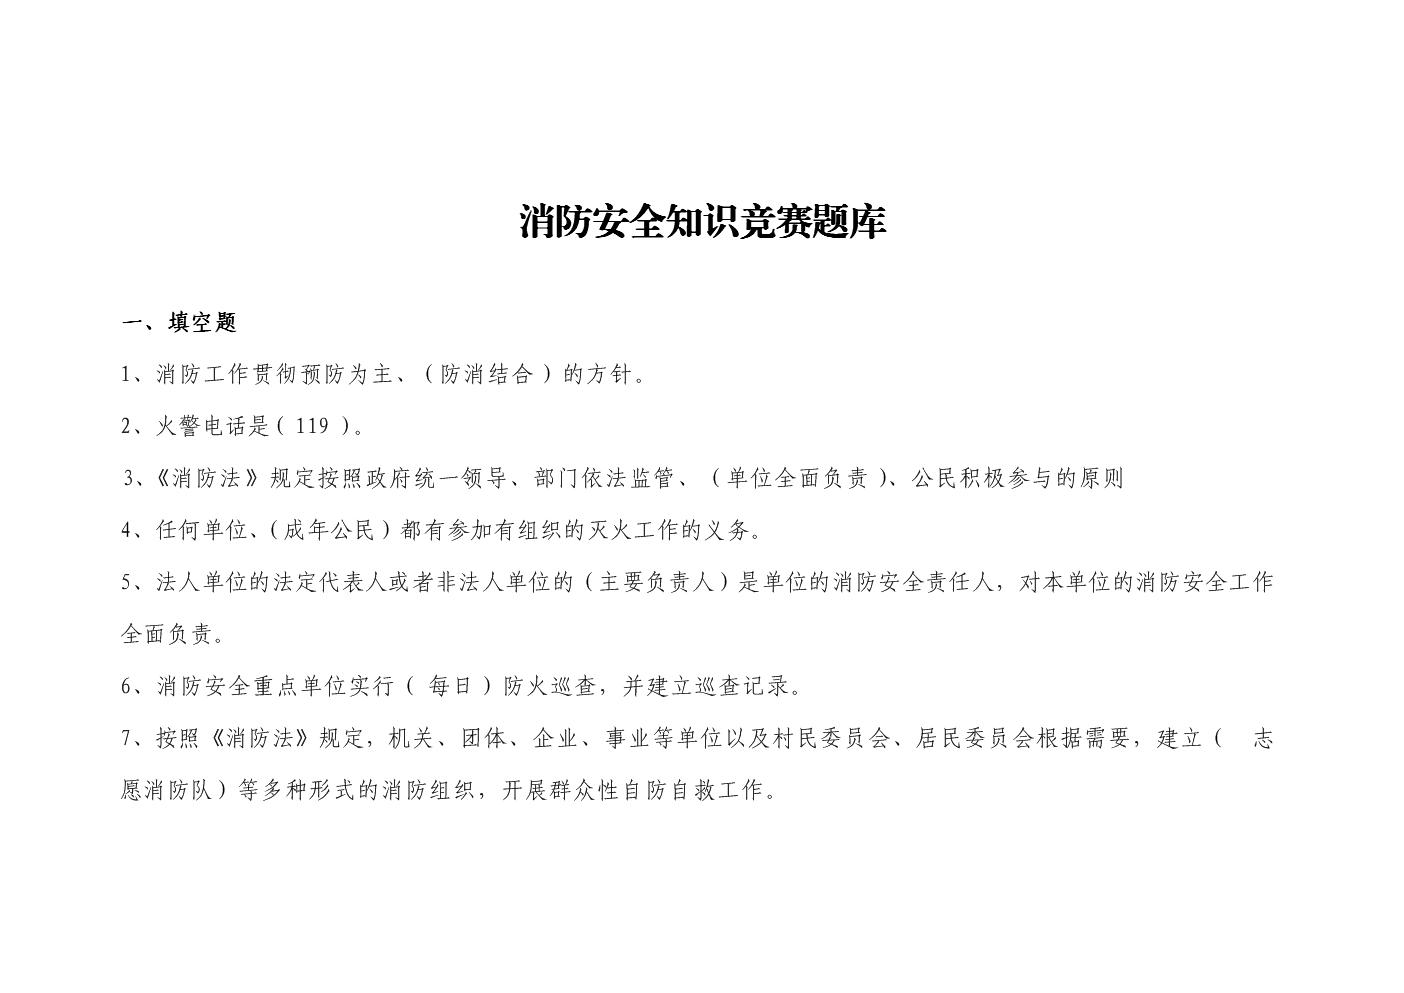 消防安全知识竞赛题库-.doc